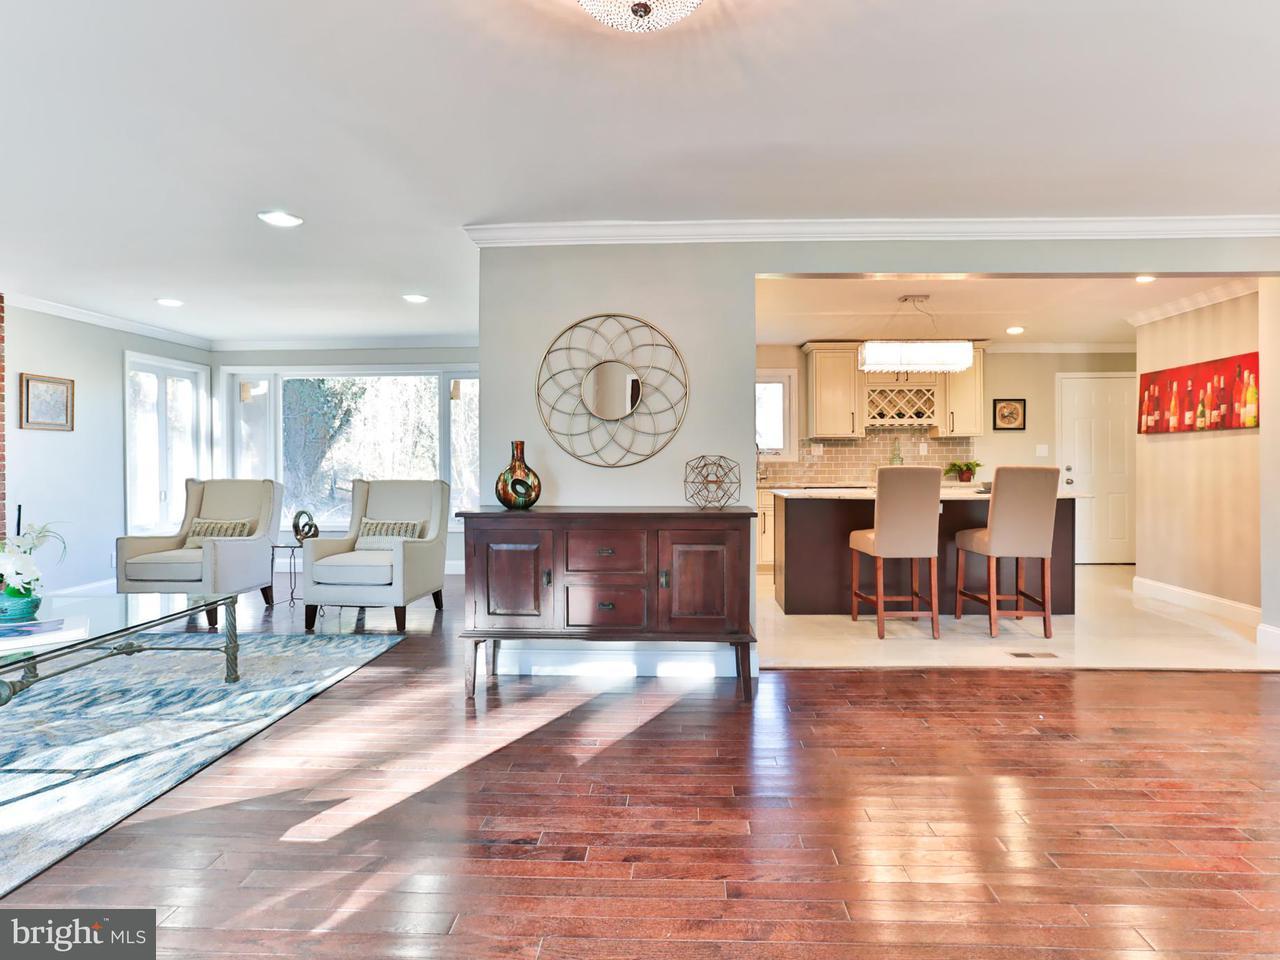 Μονοκατοικία για την Πώληση στο 4526 LONG GREEN Road 4526 LONG GREEN Road Glen Arm, Μεριλαντ 21057 Ηνωμενεσ Πολιτειεσ